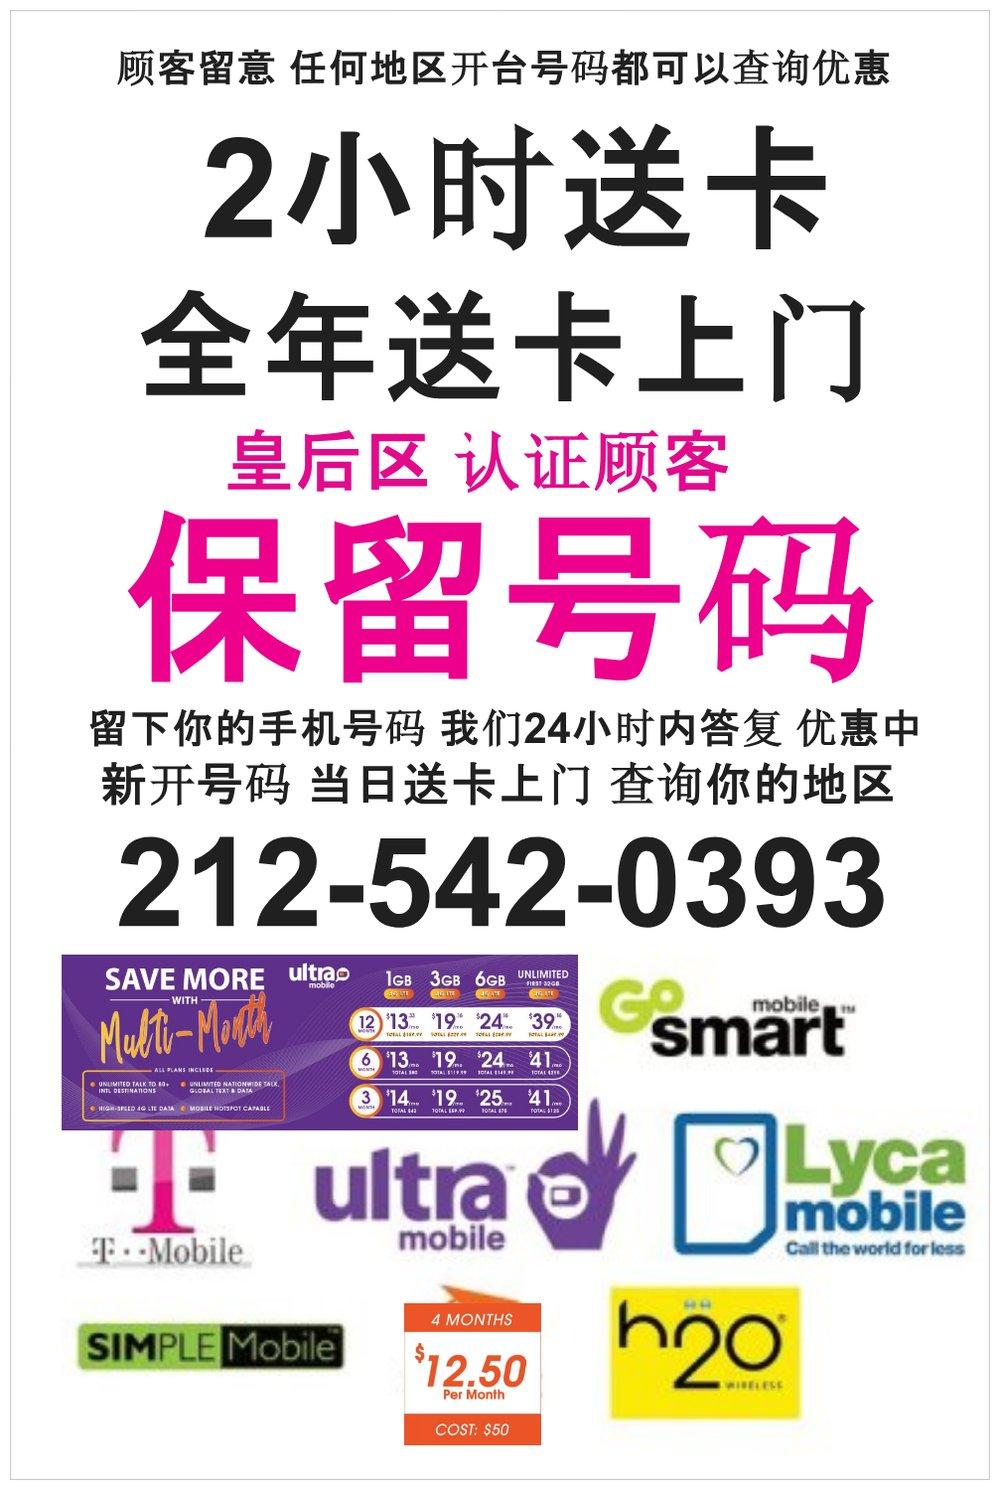 全年送卡上门,手机卡  212-5420393